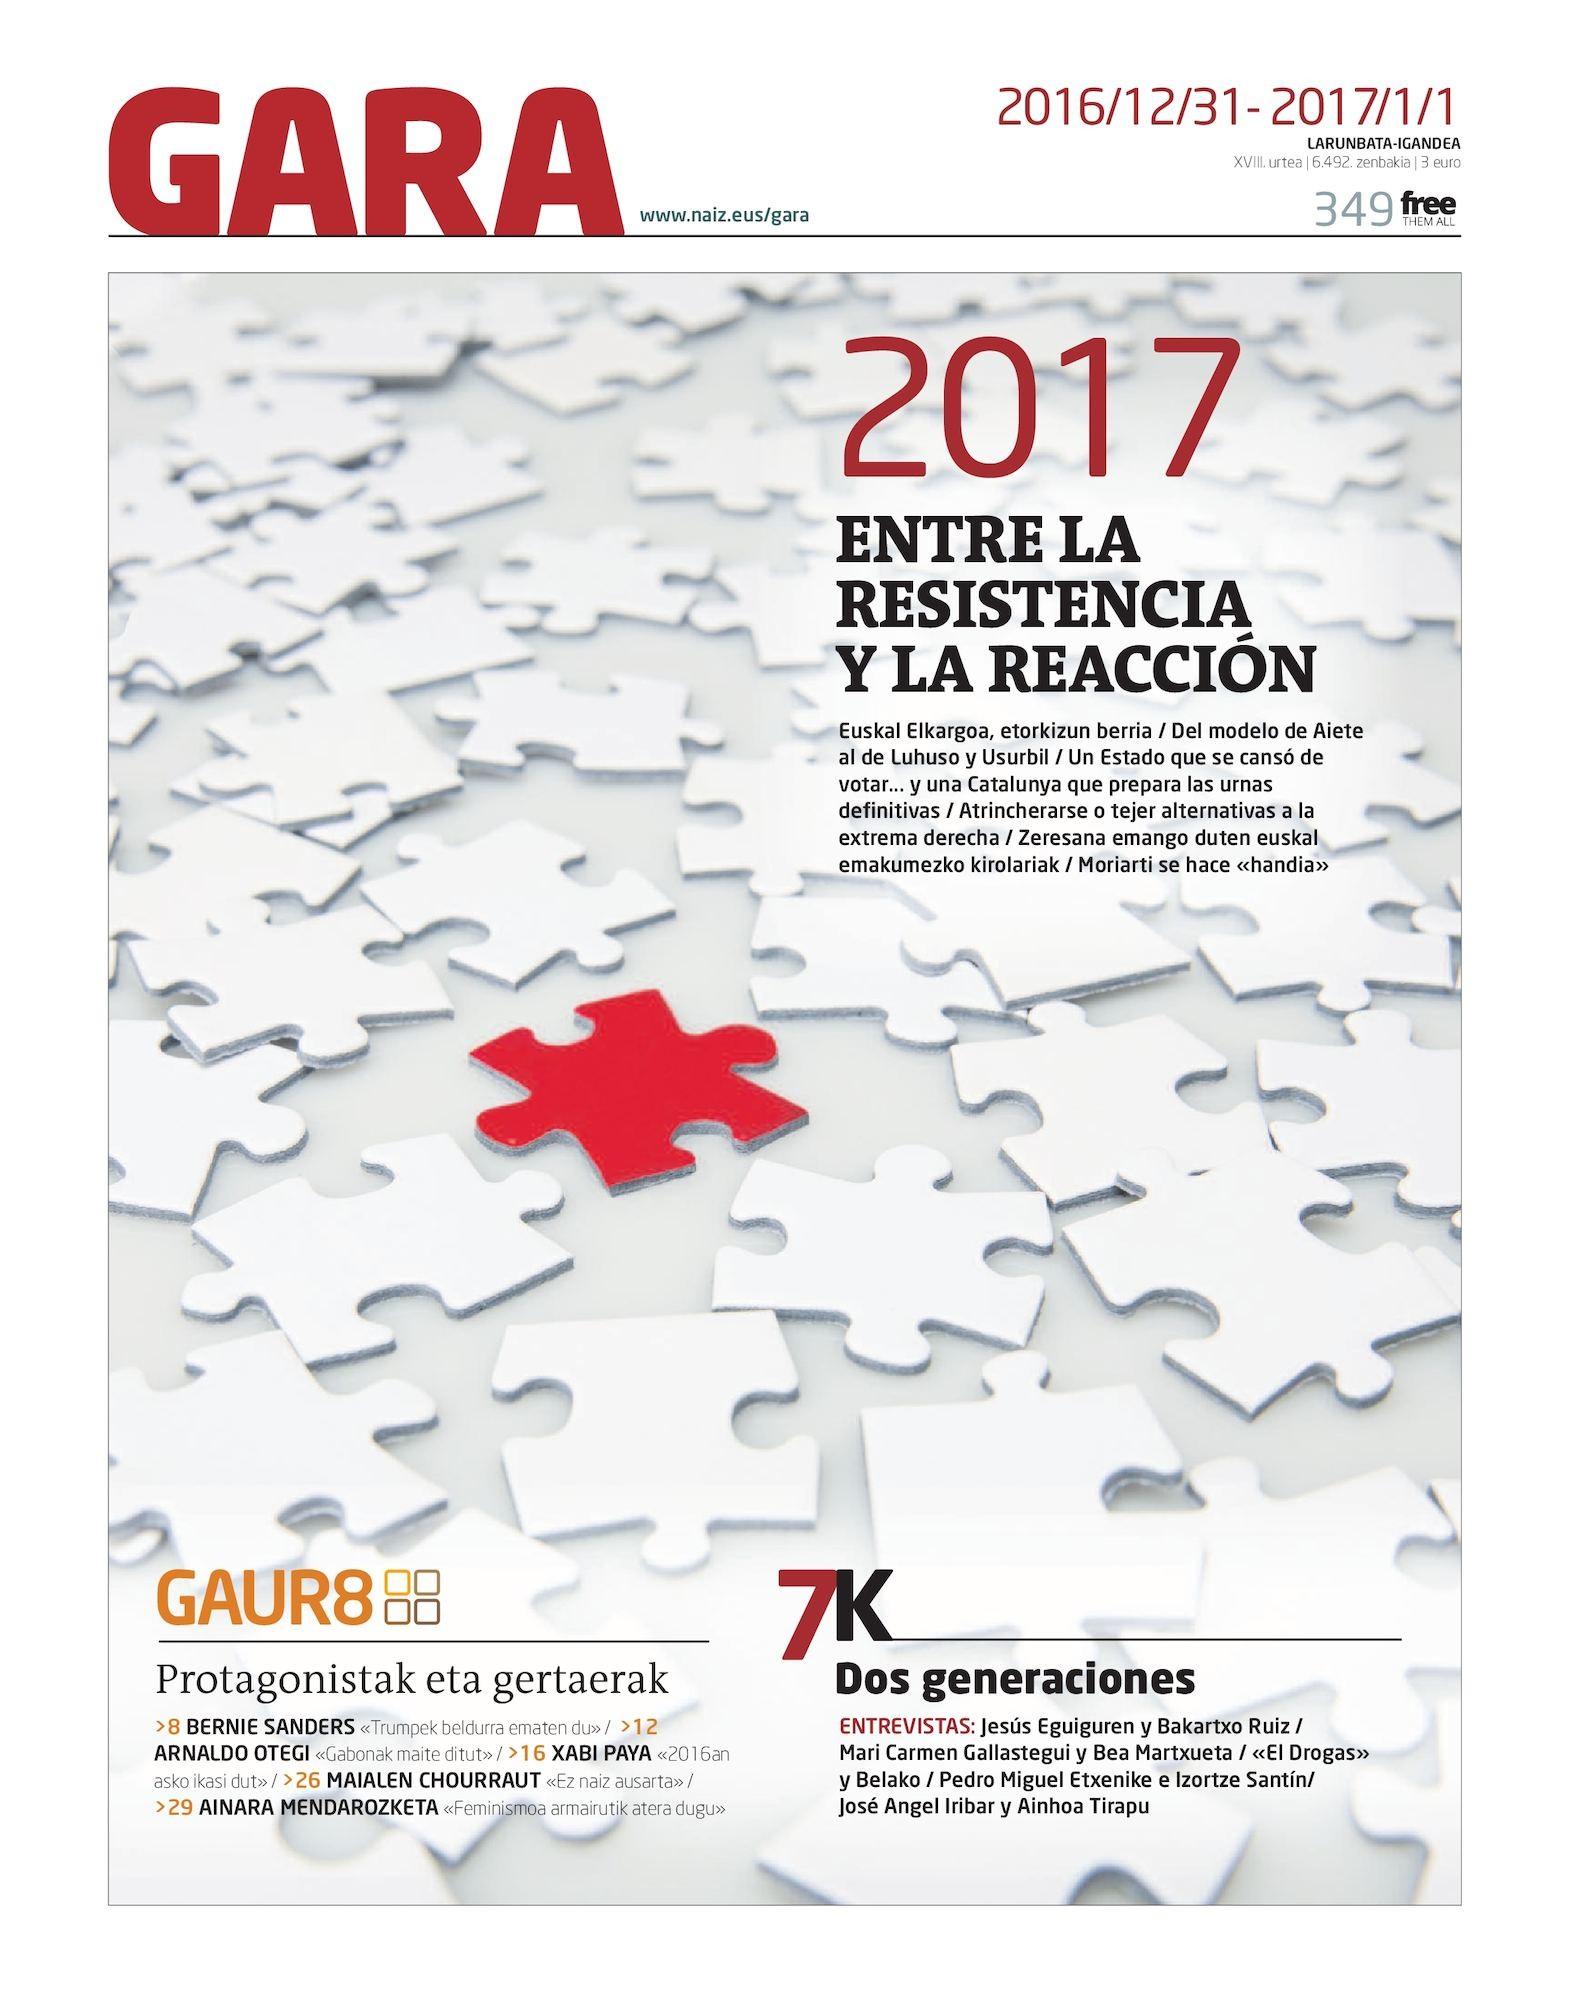 Calendario Laboral 2020 Catalunya Gencat Más Recientes Calaméo Gara Of Calendario Laboral 2020 Catalunya Gencat Más Reciente Boe Documento Consolidado Boe A 2018 9268